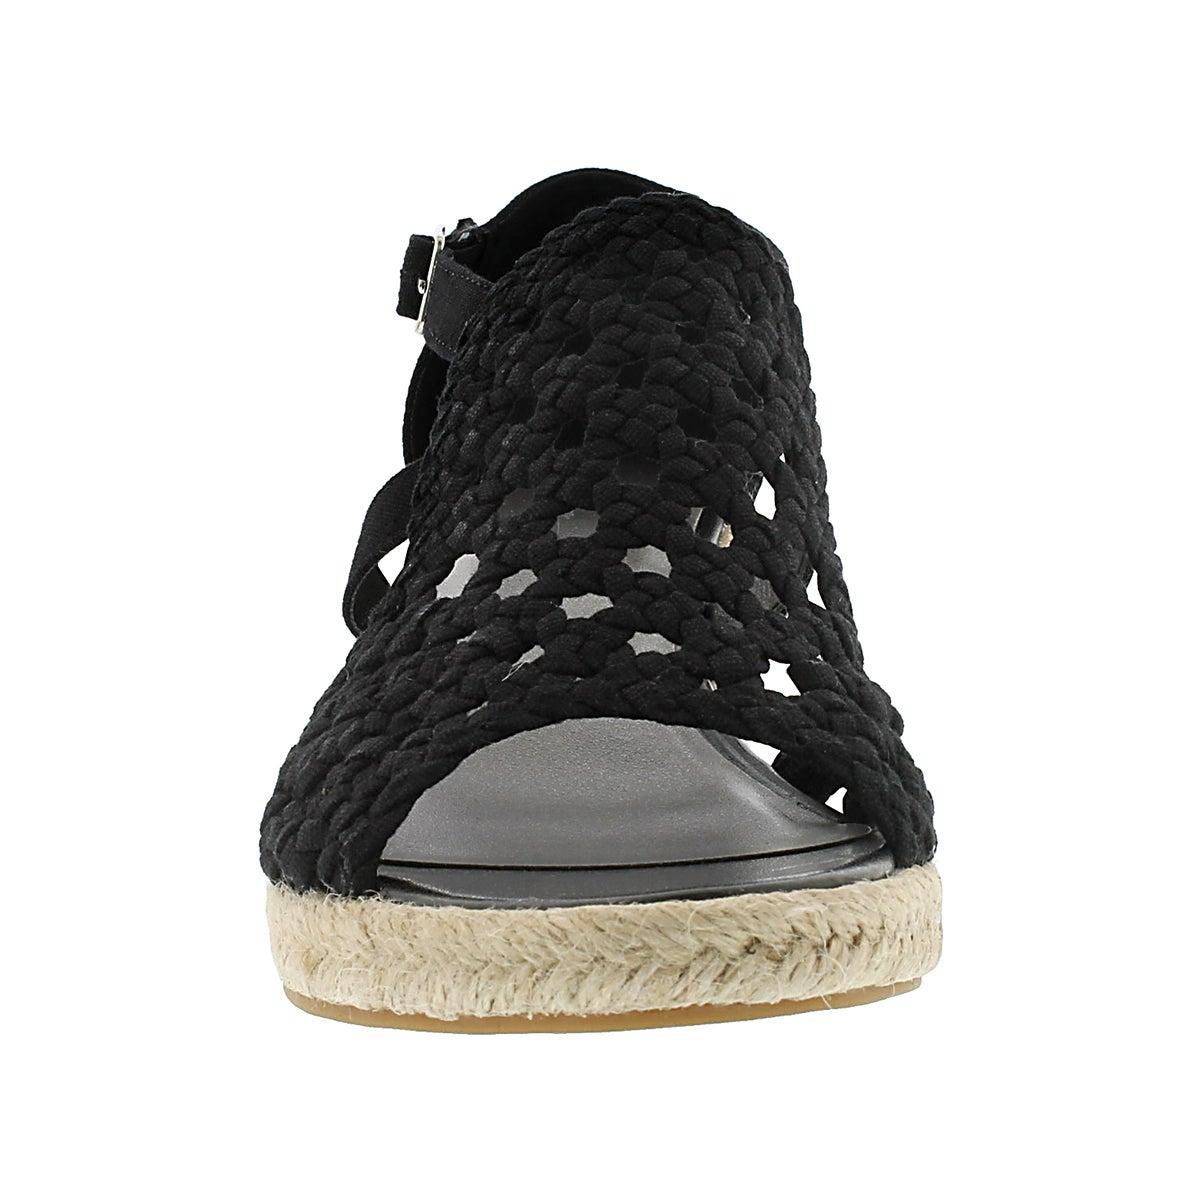 Sandale comp noir EMMY 2, fem